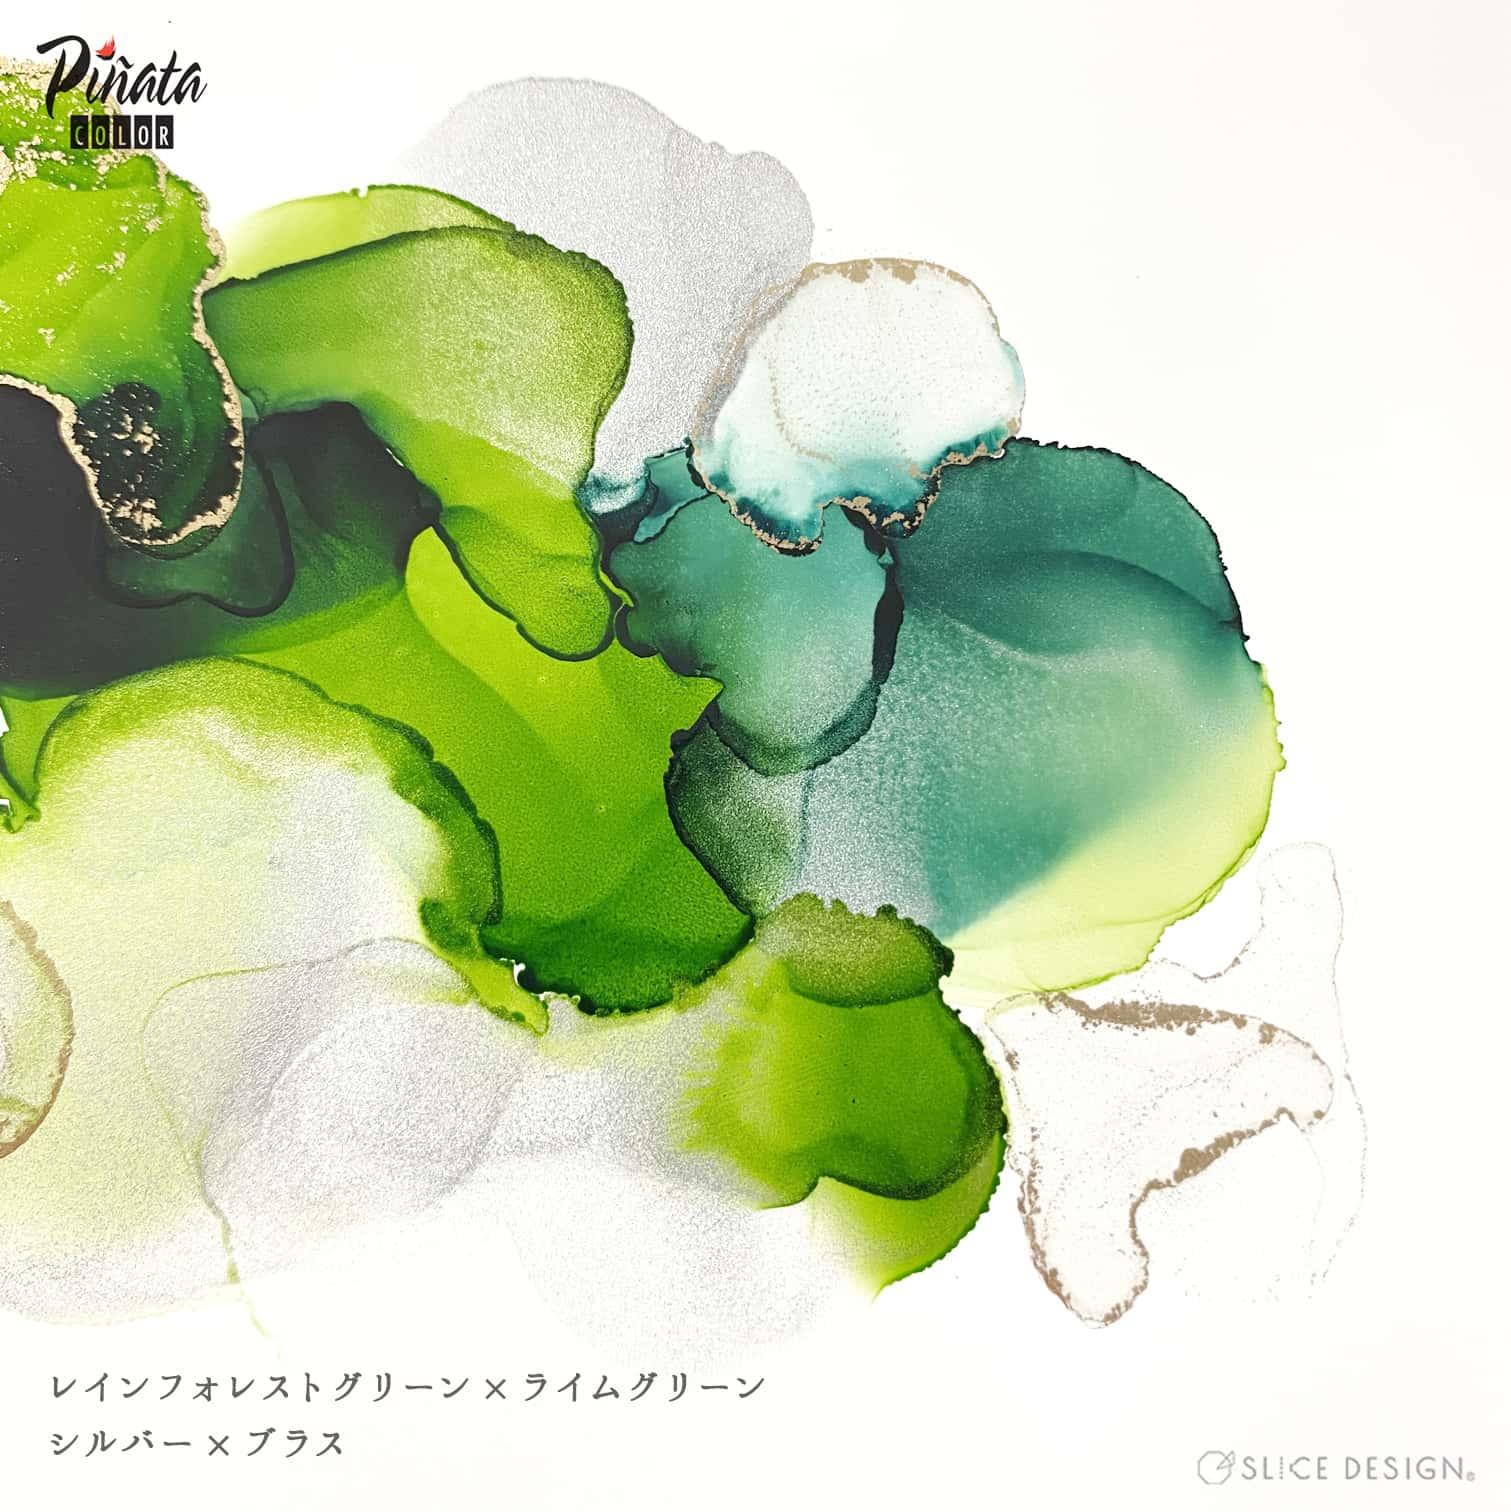 #023 Raniforest Green - レインフォレストグリーン [ネコポス配送可] ■Pinata Alcohol Ink - ピニャータアルコールインク《Jacquard》